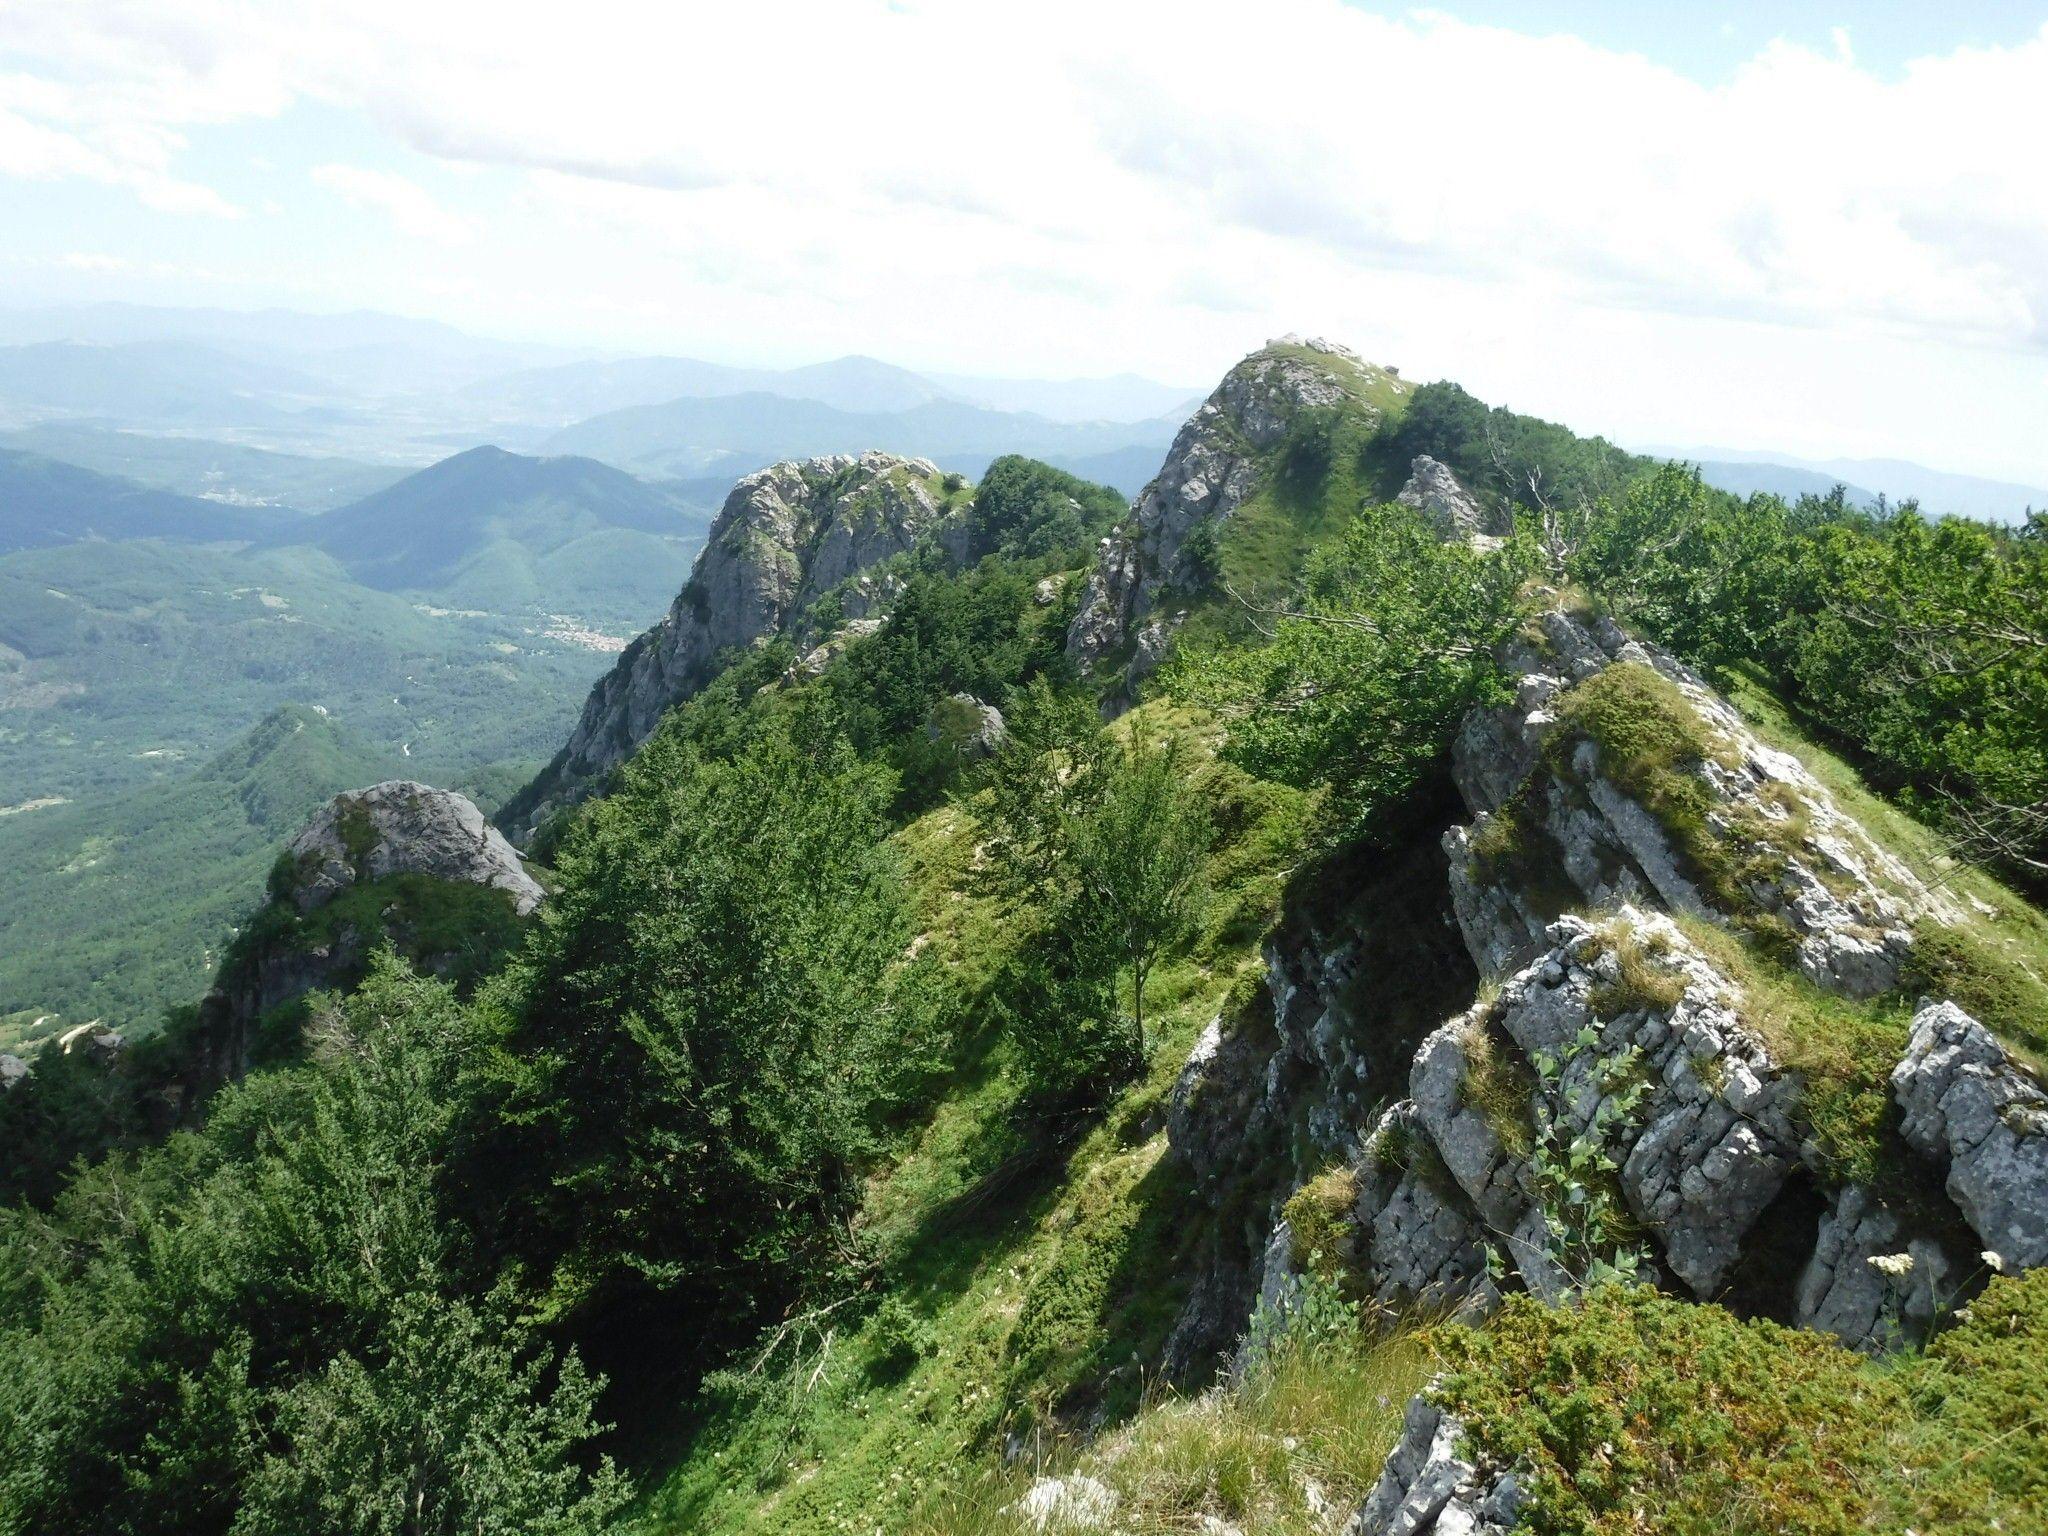 Bosco di faggi in montagna nel Parco d'Abruzzo